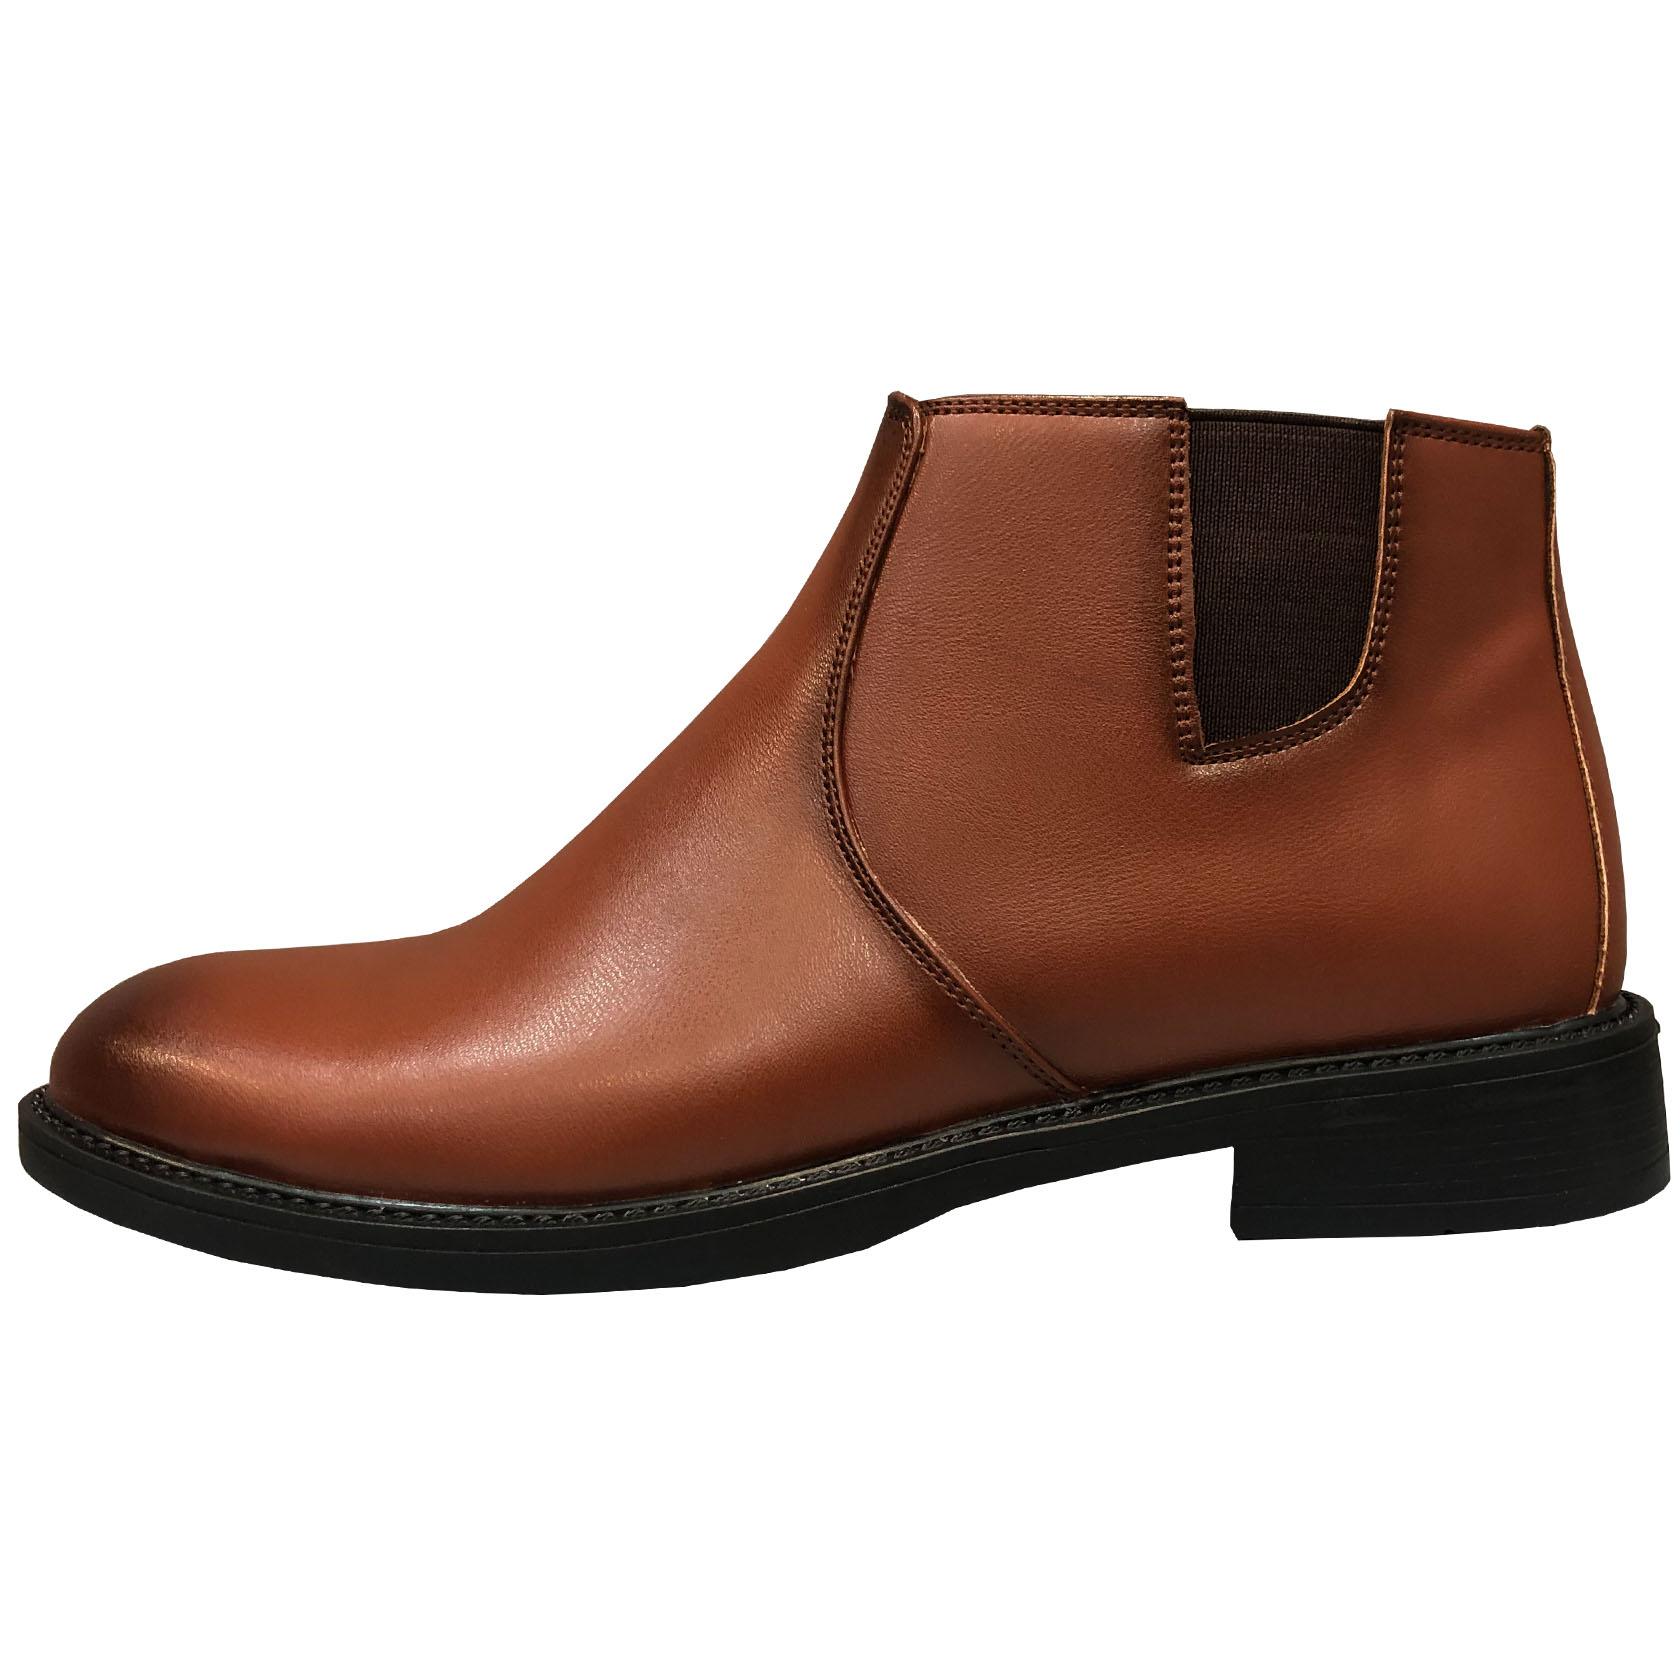 نیم بوت مردانه کفش سعیدی مدل Sa 853